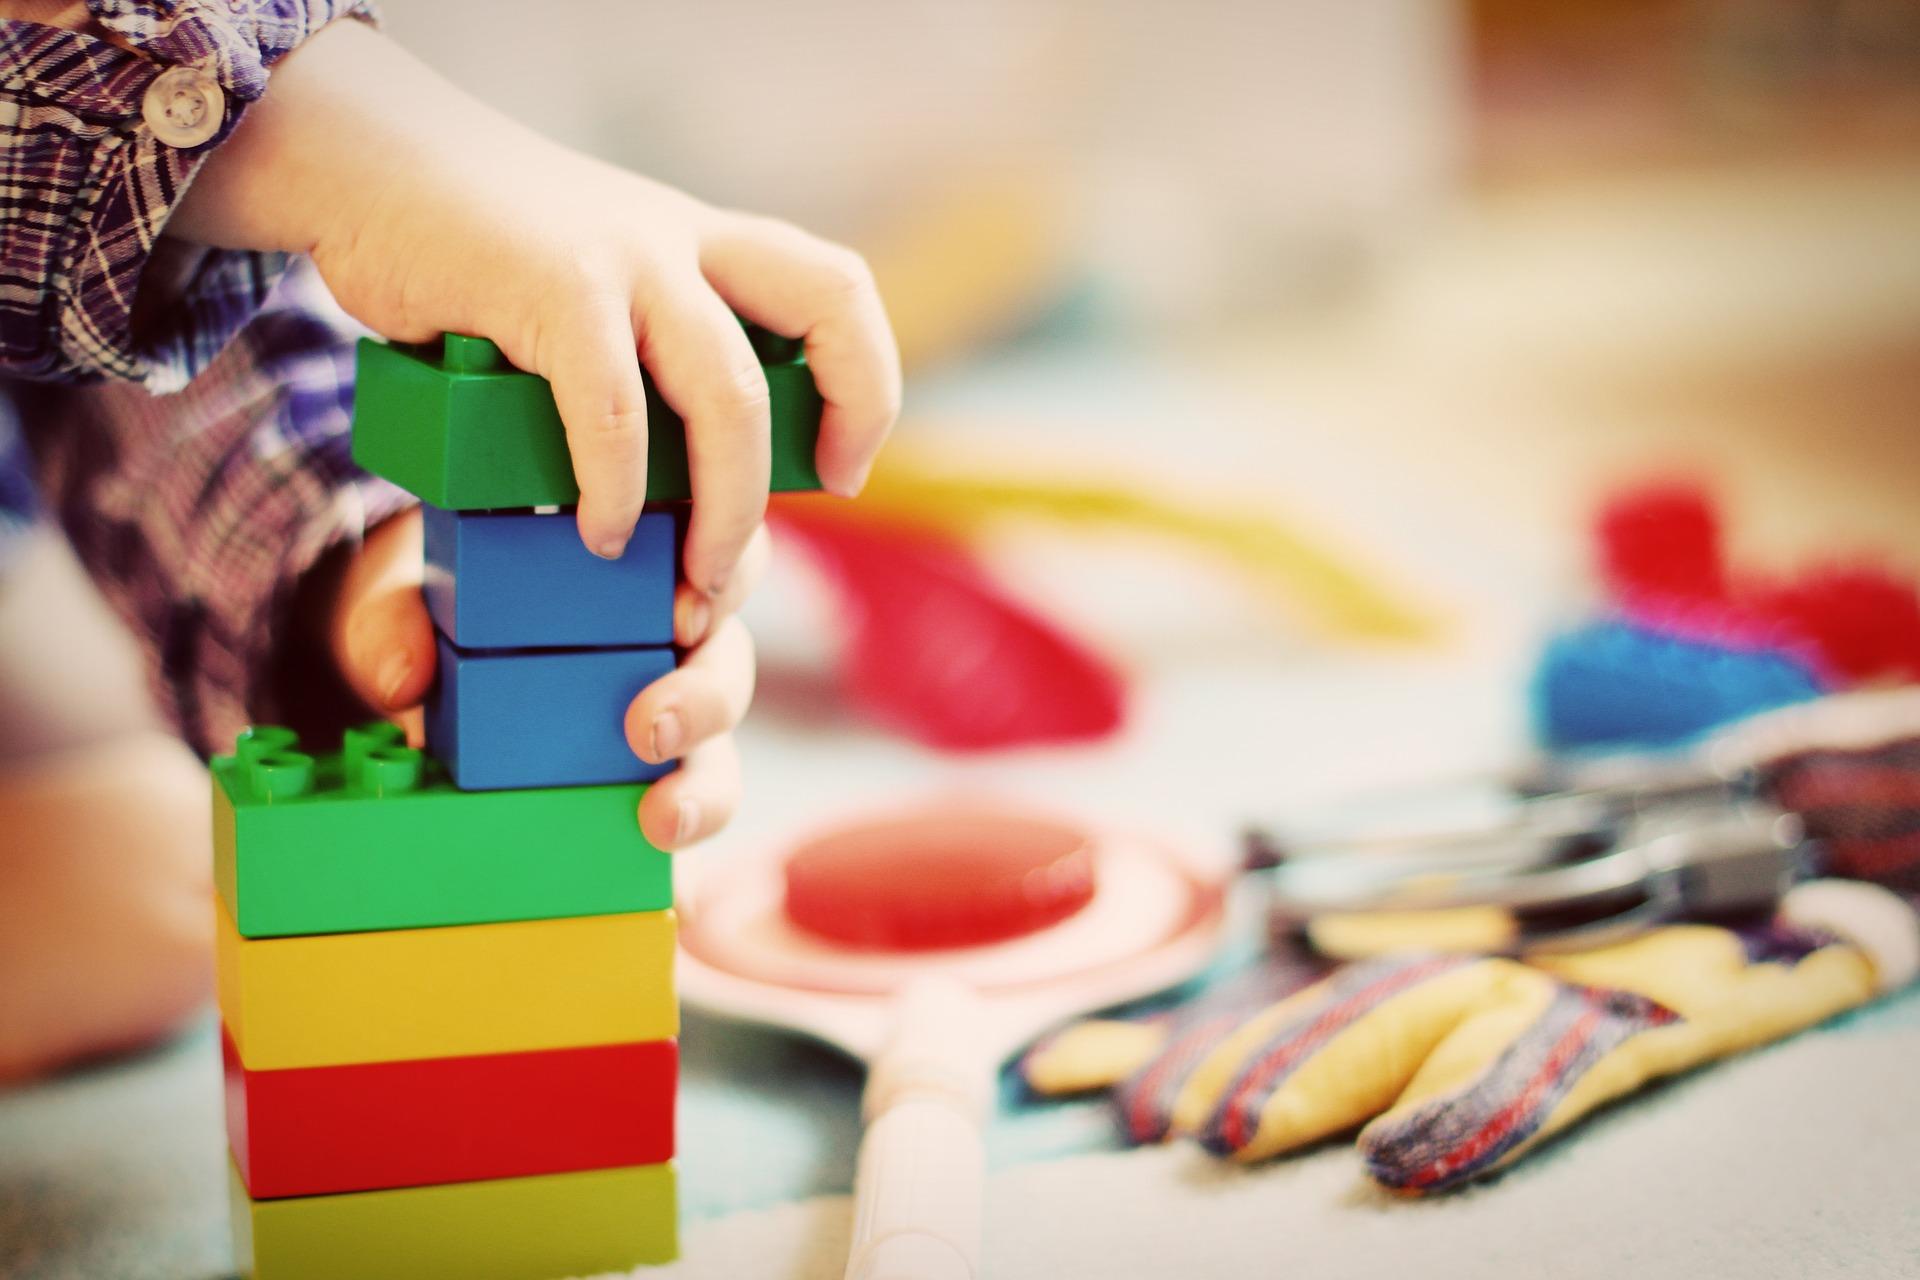 Milyen játékkal tudod lekötni a gyereket? Korosztály alapján válogattuk össze a kedvenceket!